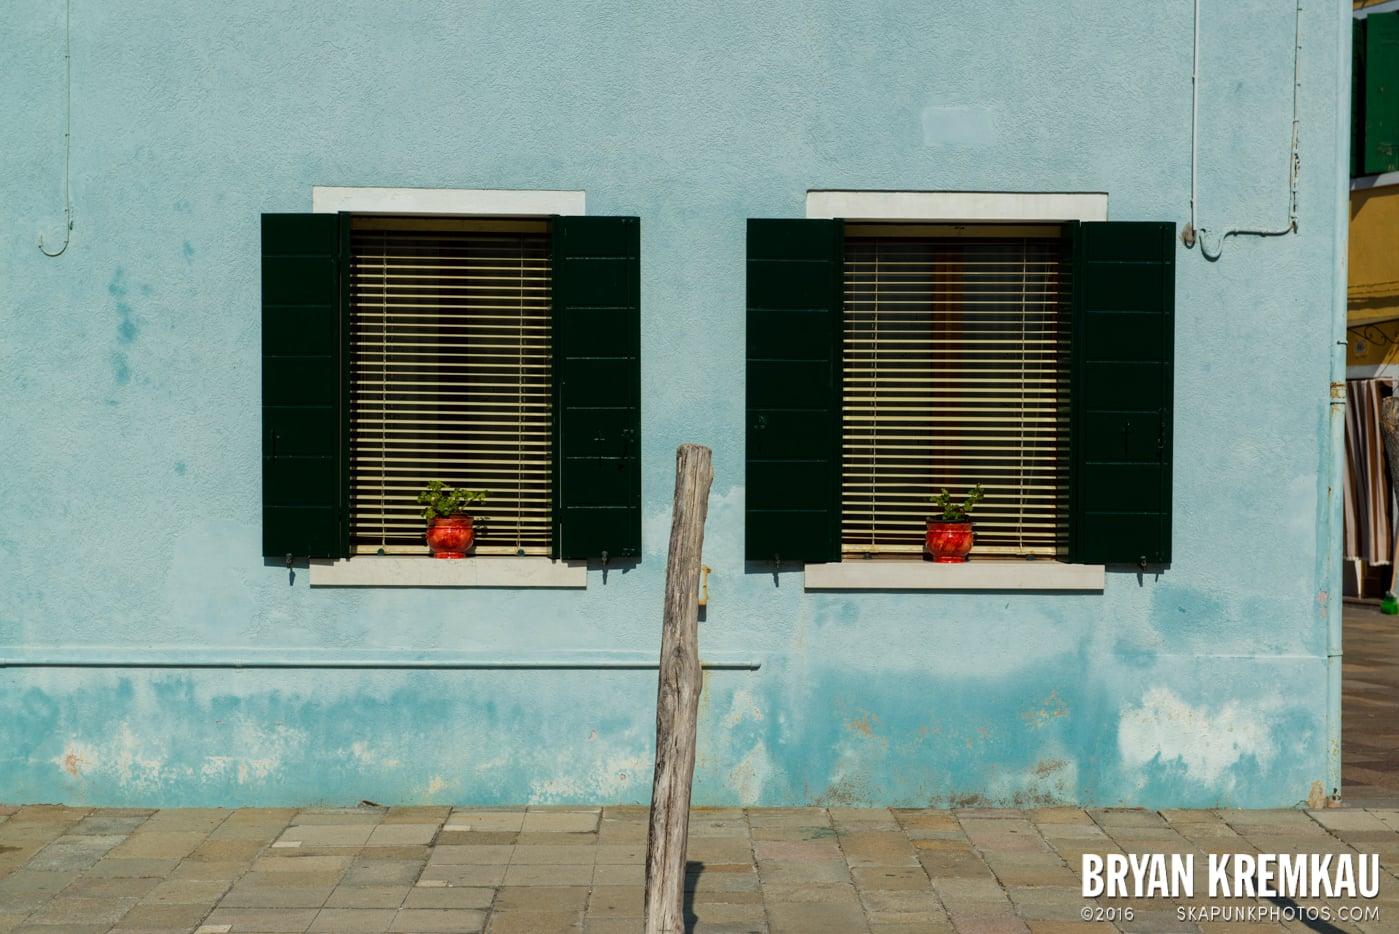 Italy Vacation - Day 6: Murano, Burano, Venice - 9.14.13 (22)